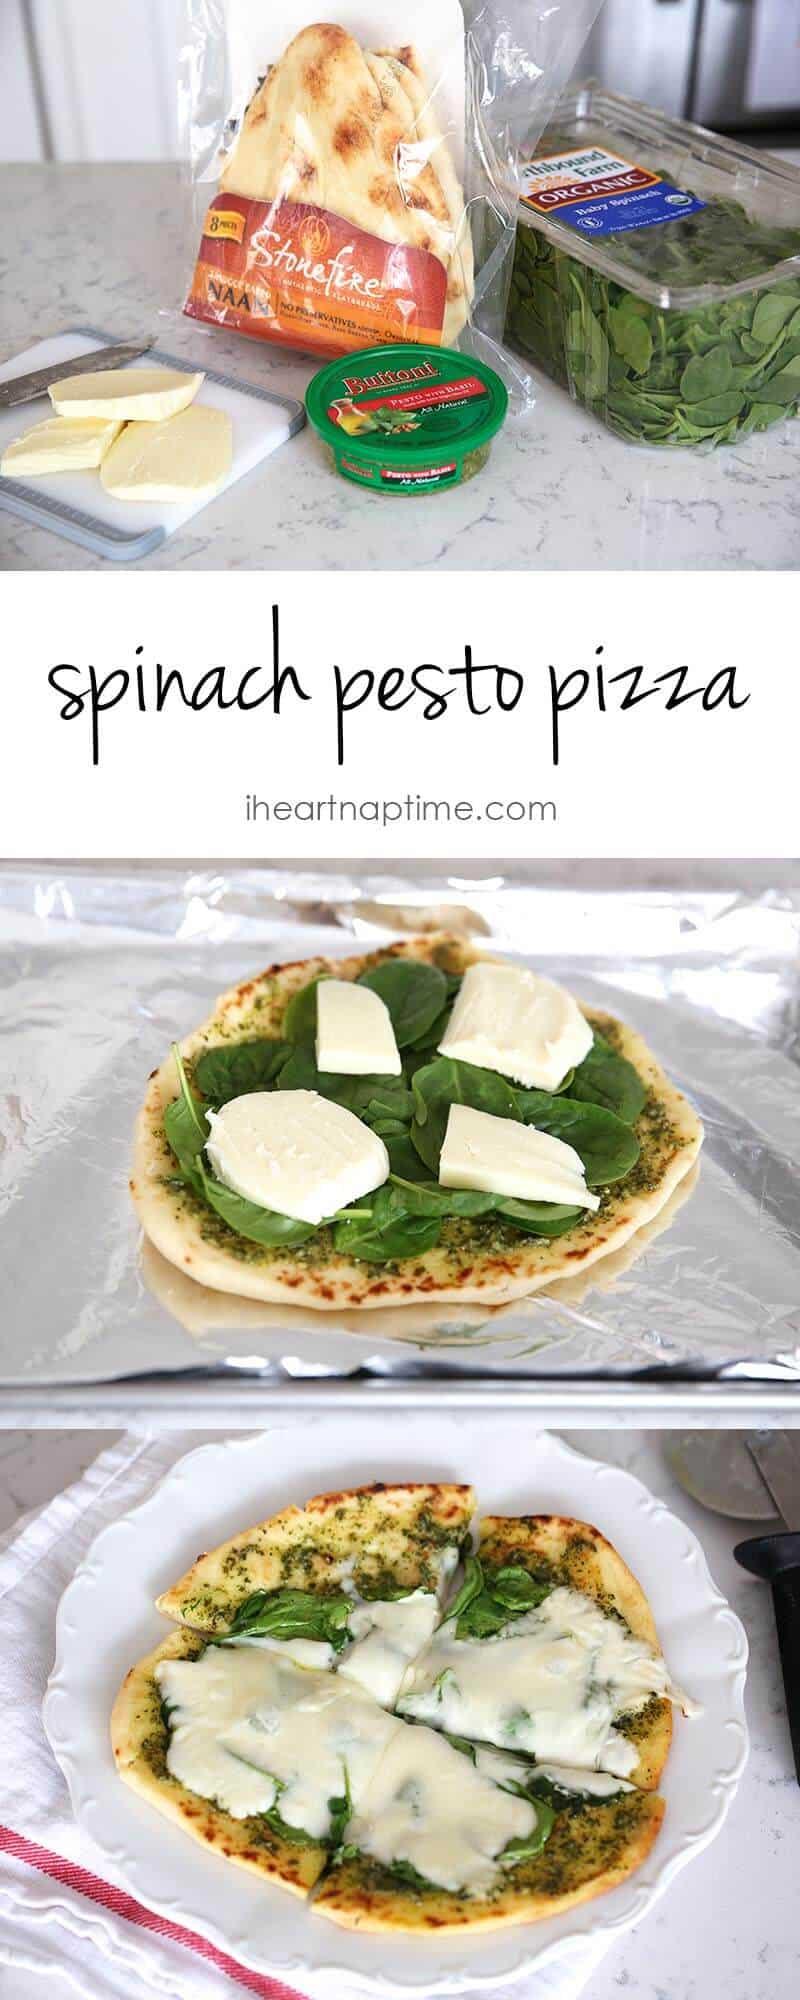 Spinach pesto pizza recipe